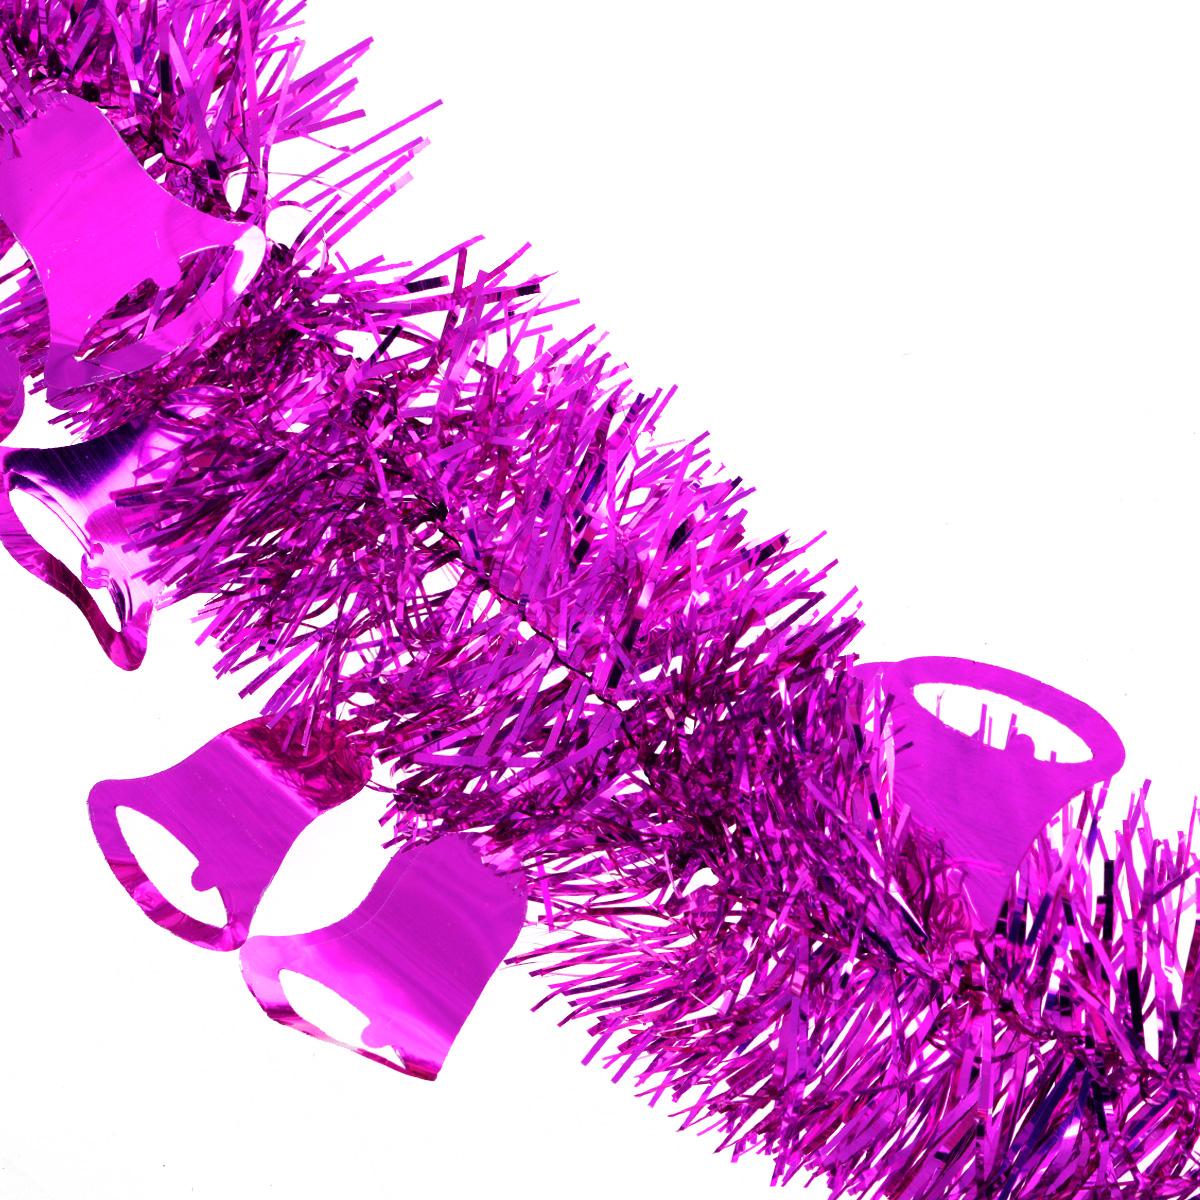 Мишура новогодняя Sima-land, цвет: малиновый, диаметр 8 см, длина 2 м. 702594NLED-454-9W-BKНовогодняя мишура Sima-land, выполненная из фольги с дизайном в виде колокольчиков, поможет вам украсить свой дом к предстоящим праздникам. А новогодняя елка с таким украшением станет еще наряднее. Мишура армирована, то есть имеет проволоку внутри и способна сохранять приданную ей форму. Новогодней мишурой можно украсить все, что угодно - елку, квартиру, дачу, офис - как внутри, так и снаружи. Можно сложить новогодние поздравления, буквы и цифры, мишурой можно украсить и дополнить гирлянды, можно выделить дверные колонны, оплести дверные проемы. Коллекция декоративных украшений из серии Зимнее волшебство принесет в ваш дом ни с чем несравнимое ощущение праздника! Создайте в своем доме атмосферу тепла, веселья и радости, украшая его всей семьей.